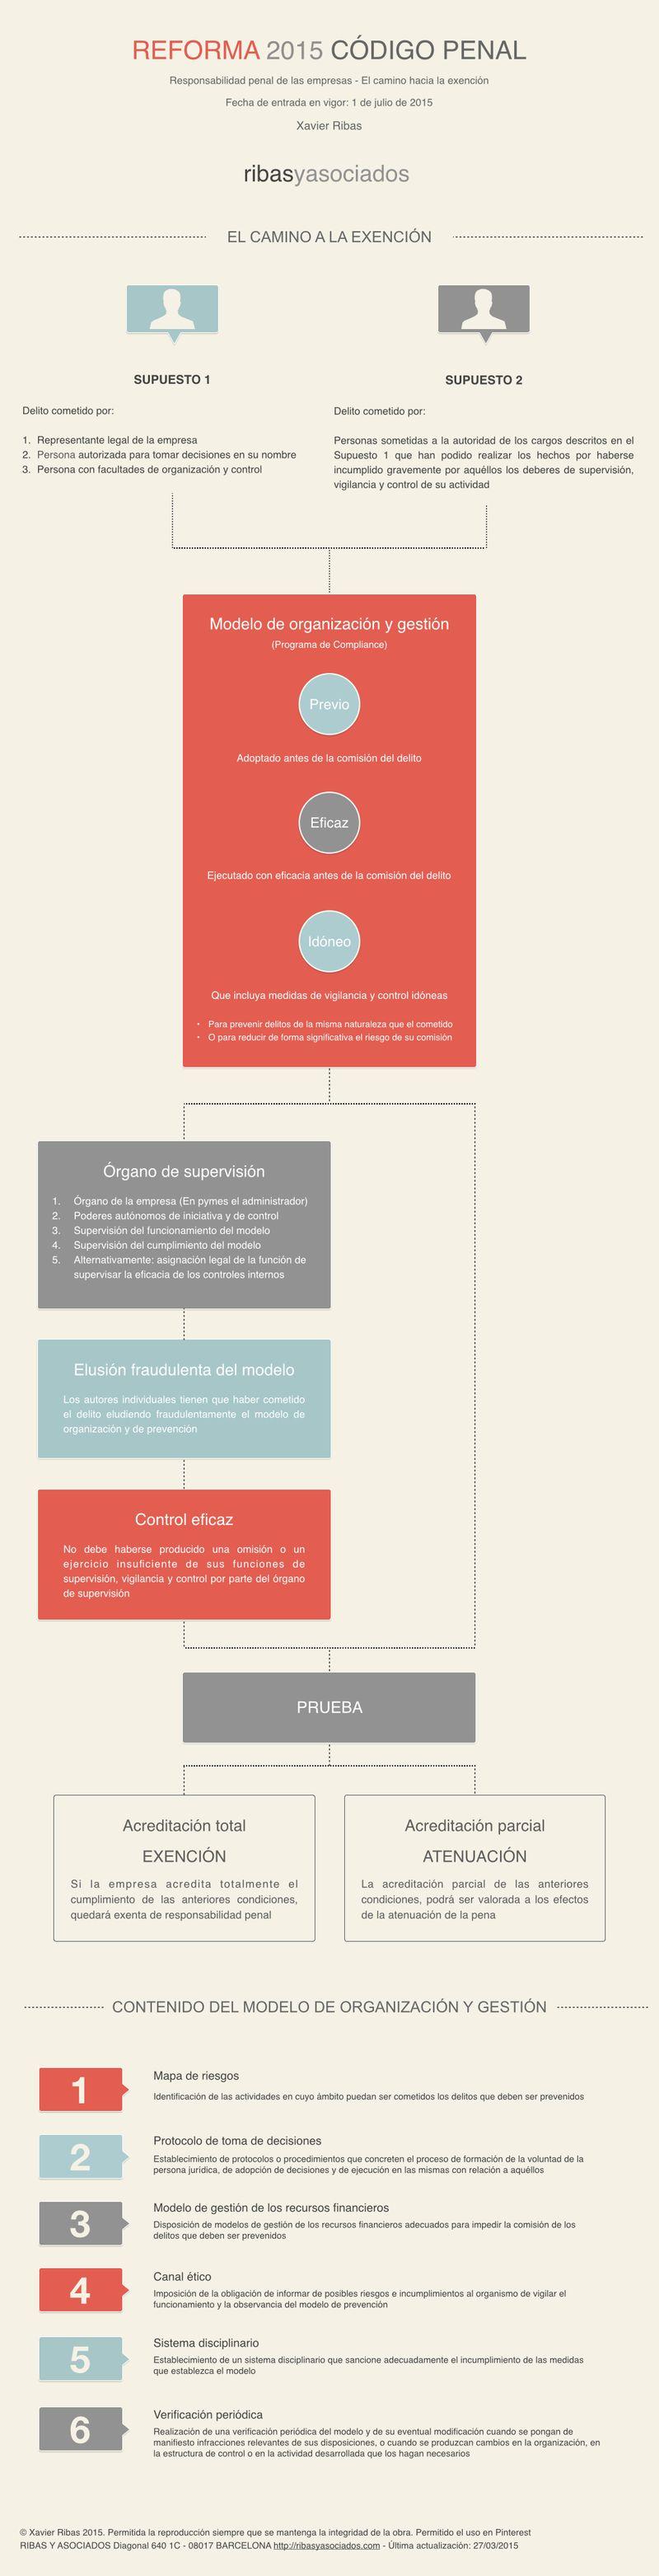 Infografia - El camino a la exencion